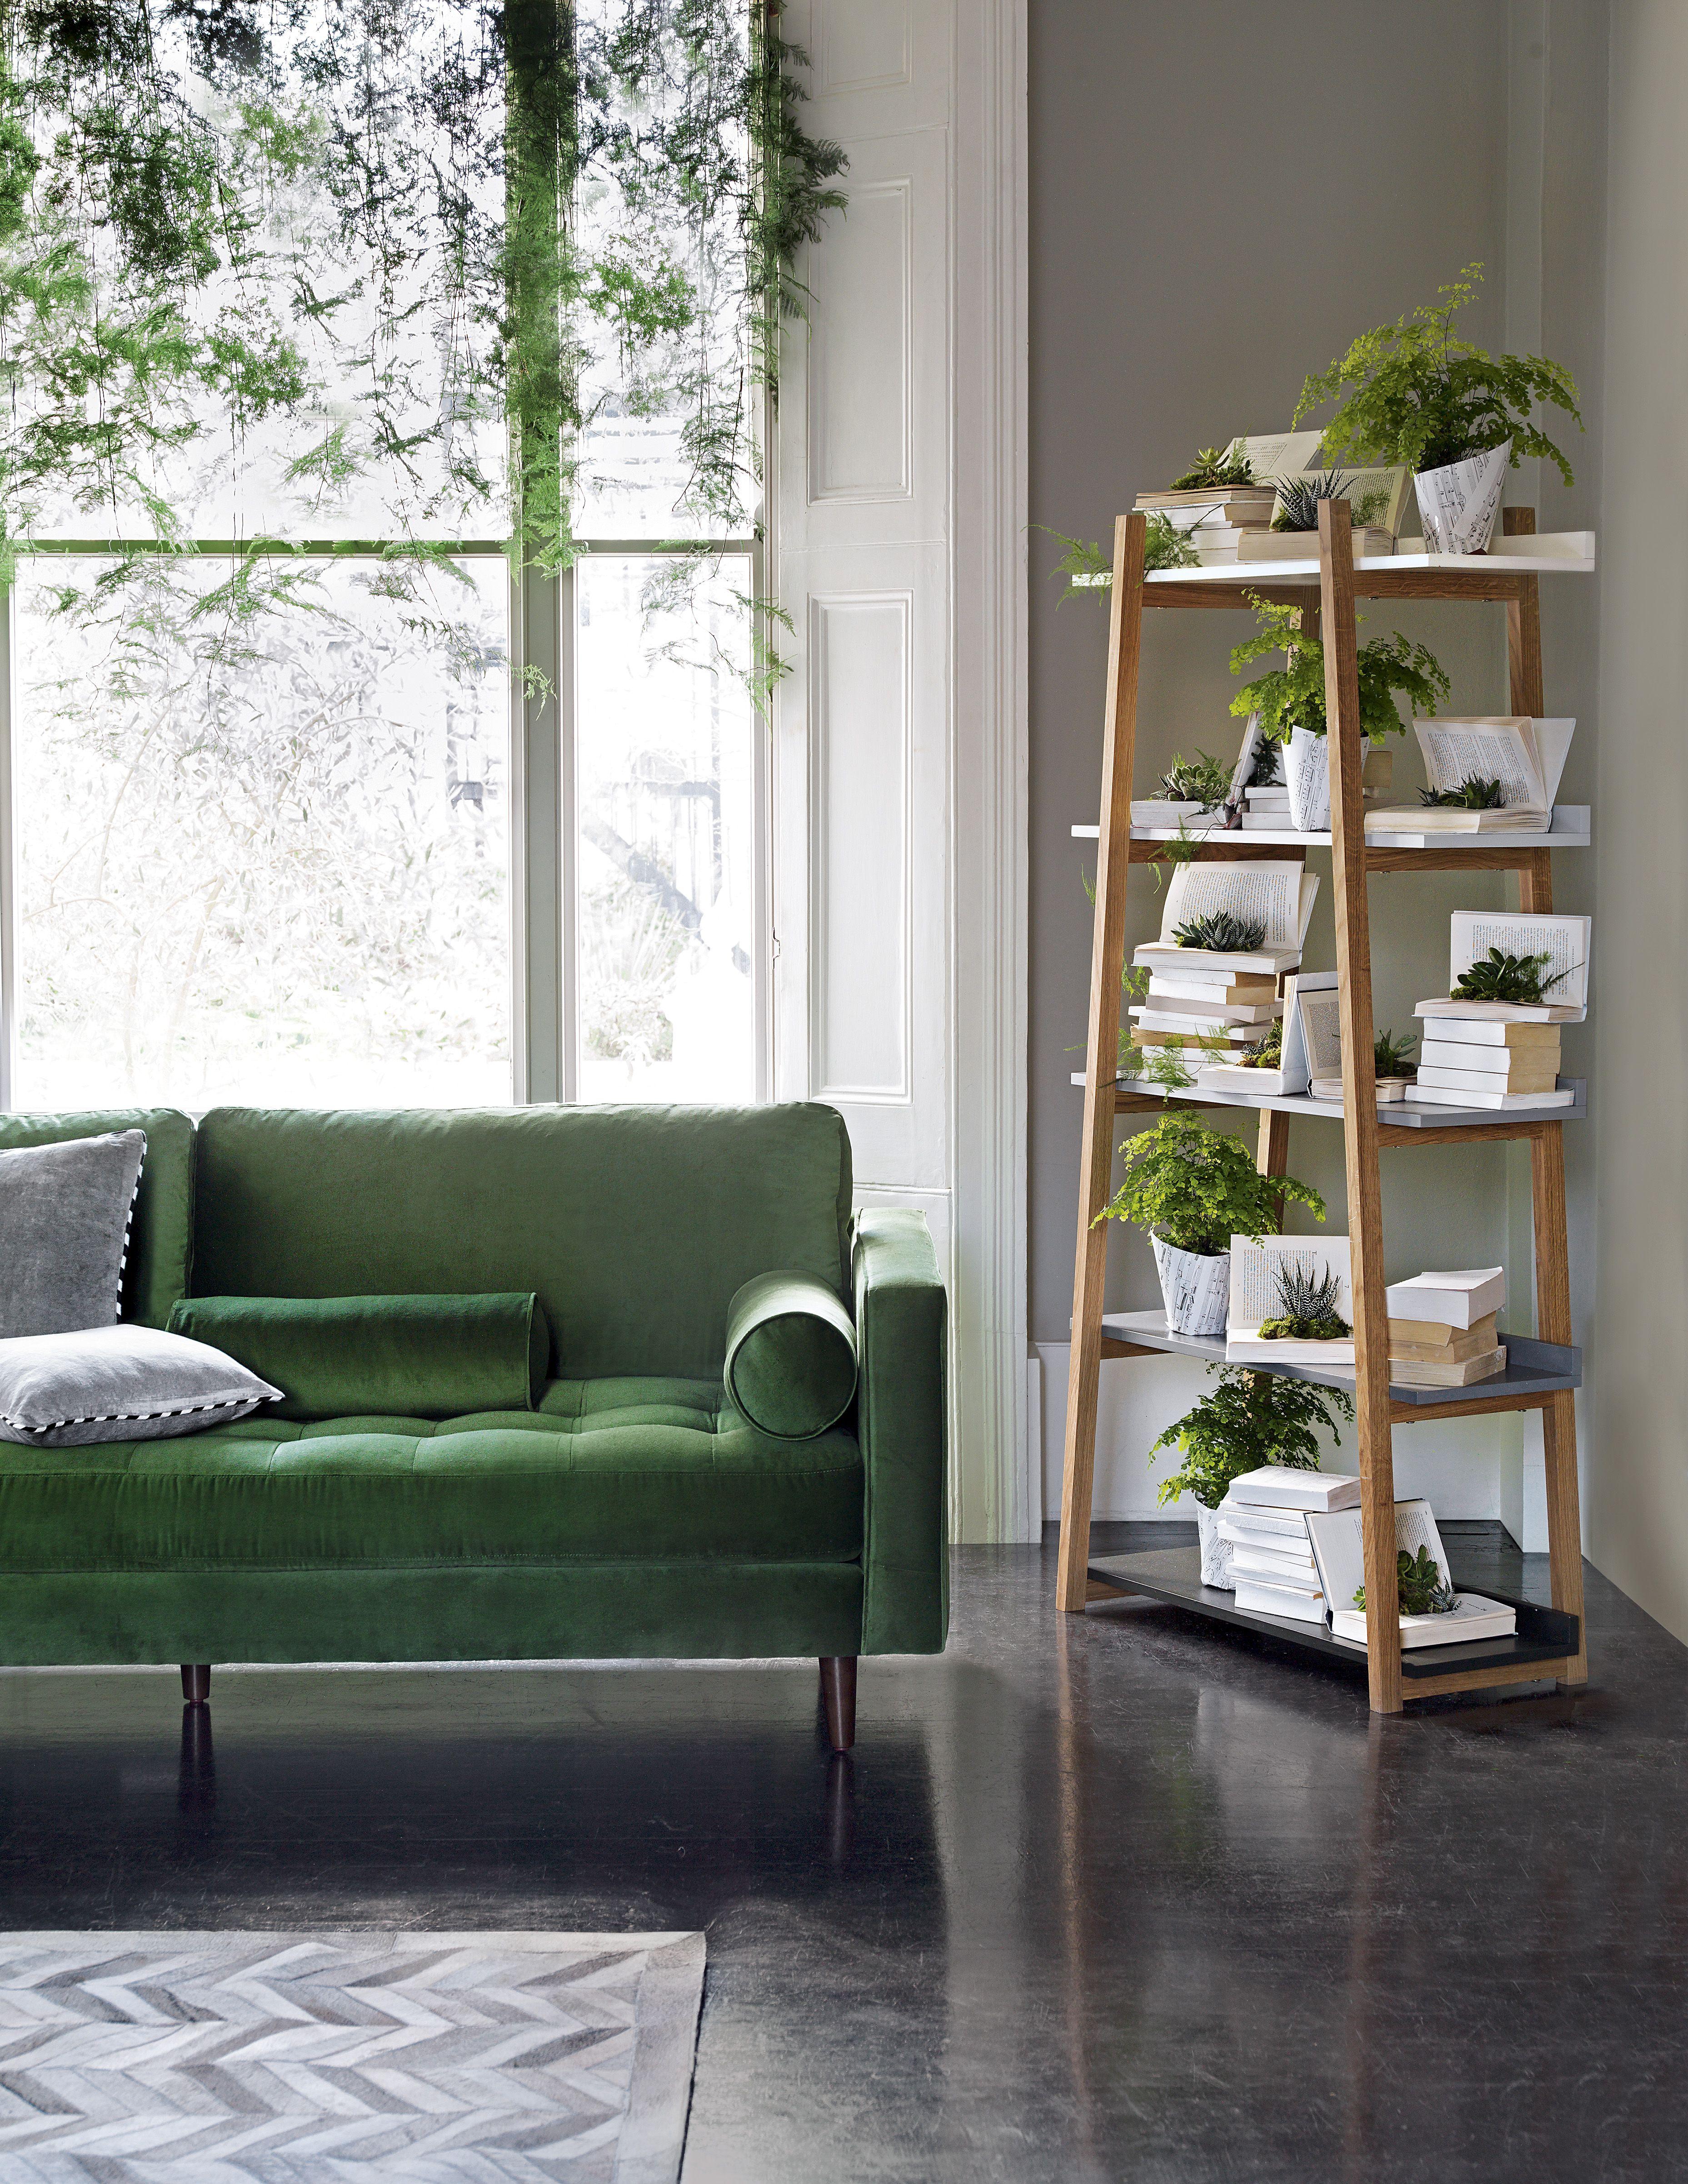 Innenarchitektur wohnzimmerfarbe scott  seater sofa grass cotton velvet  grüne sofas wohnzimmer